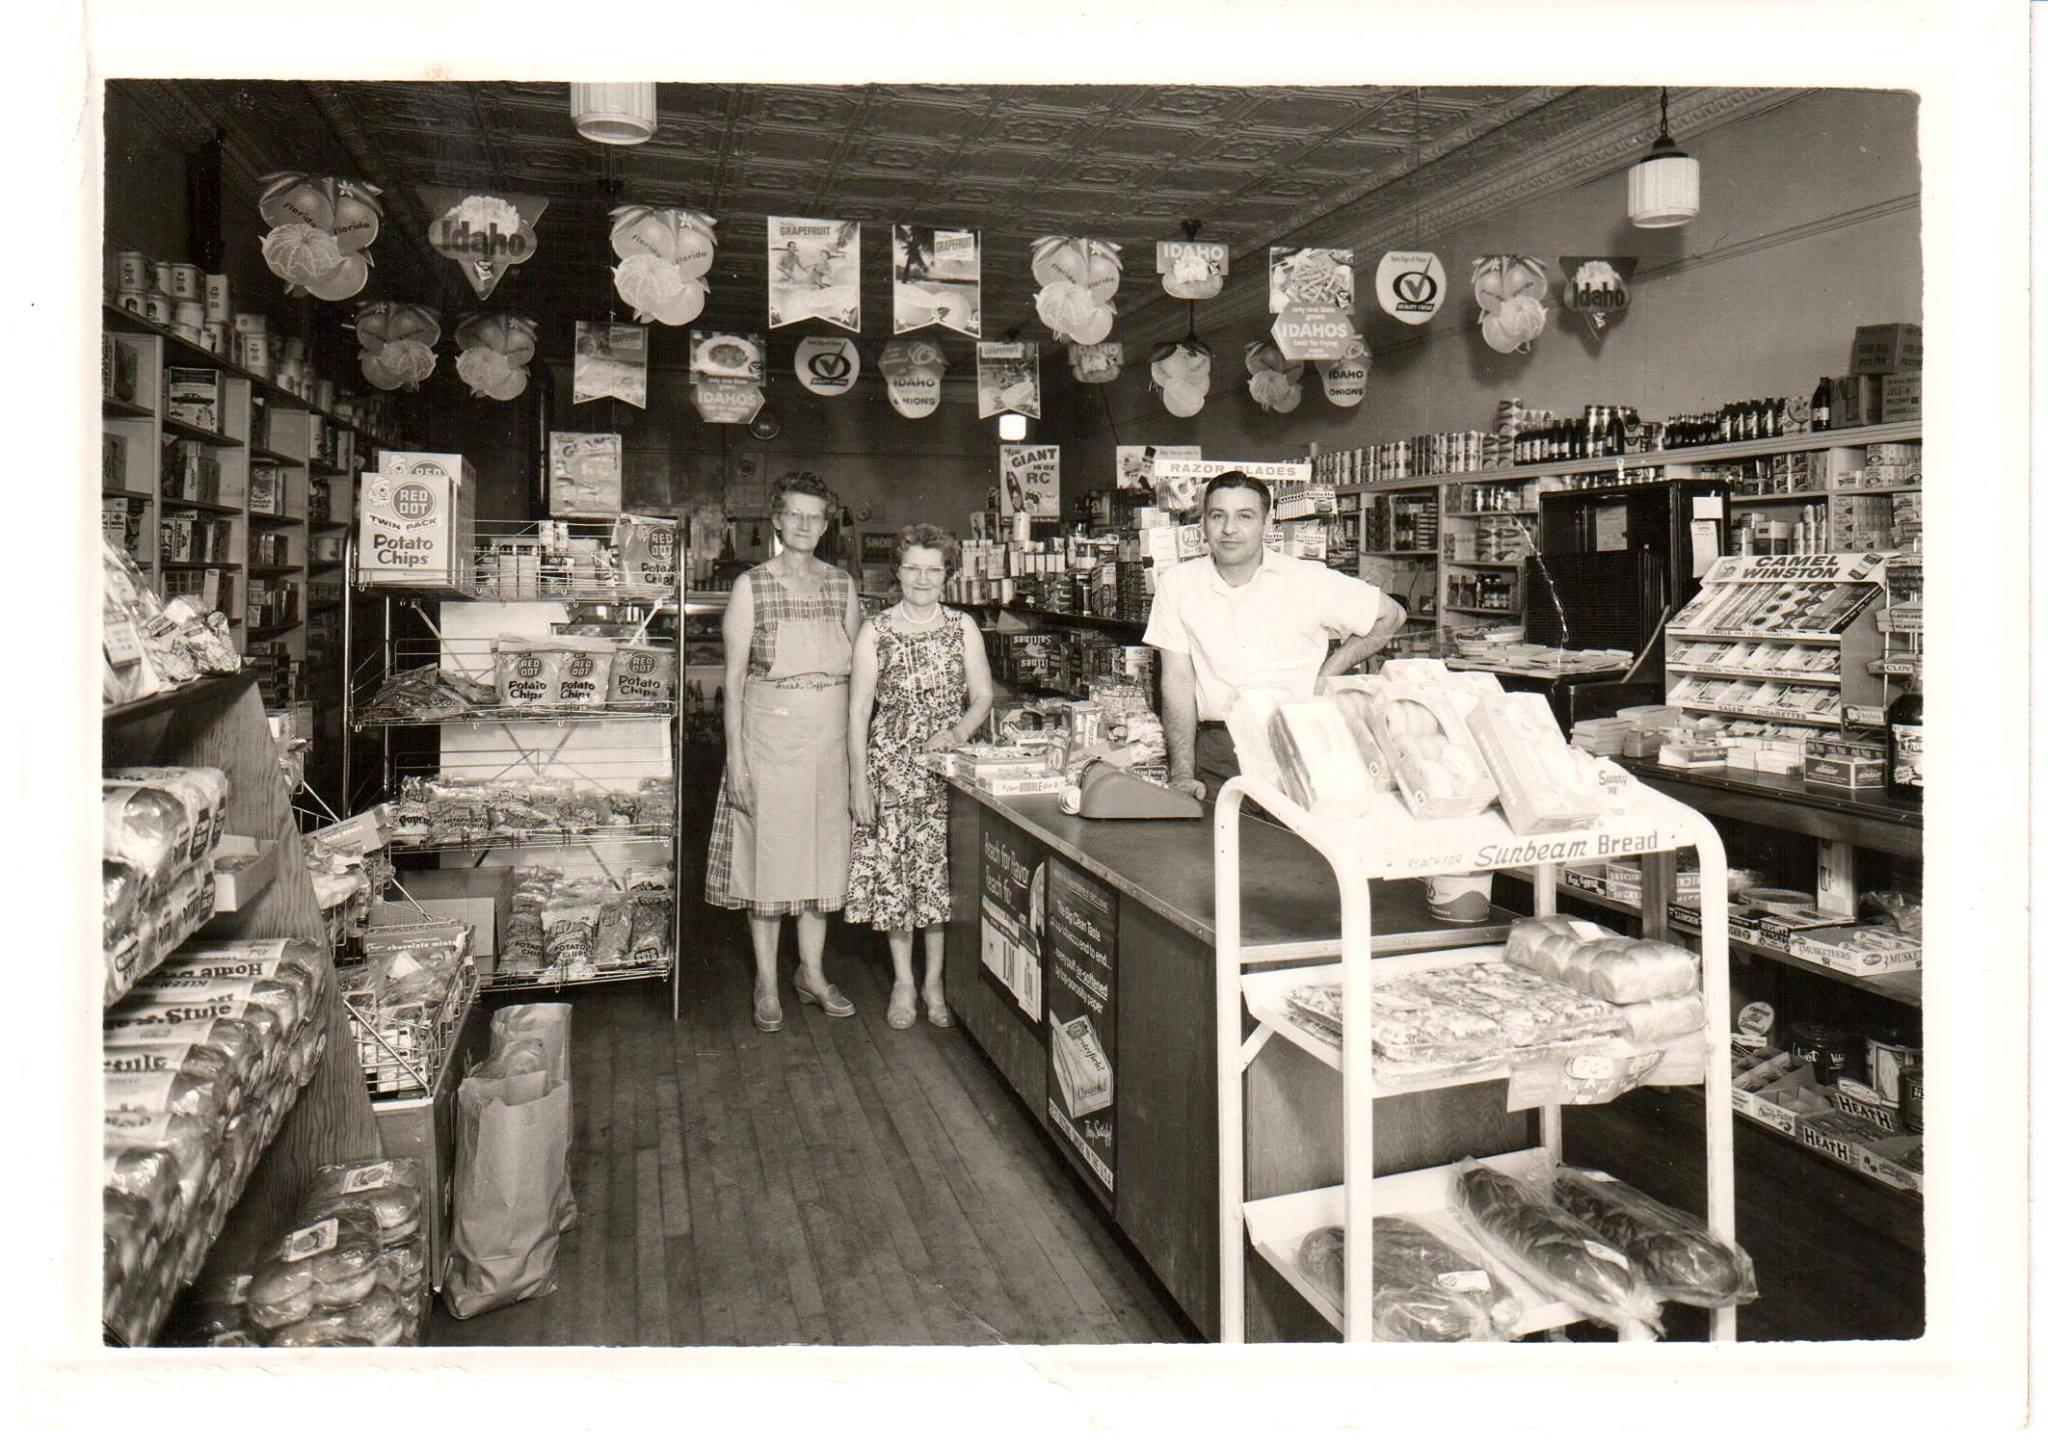 Howard Bushaw grocery